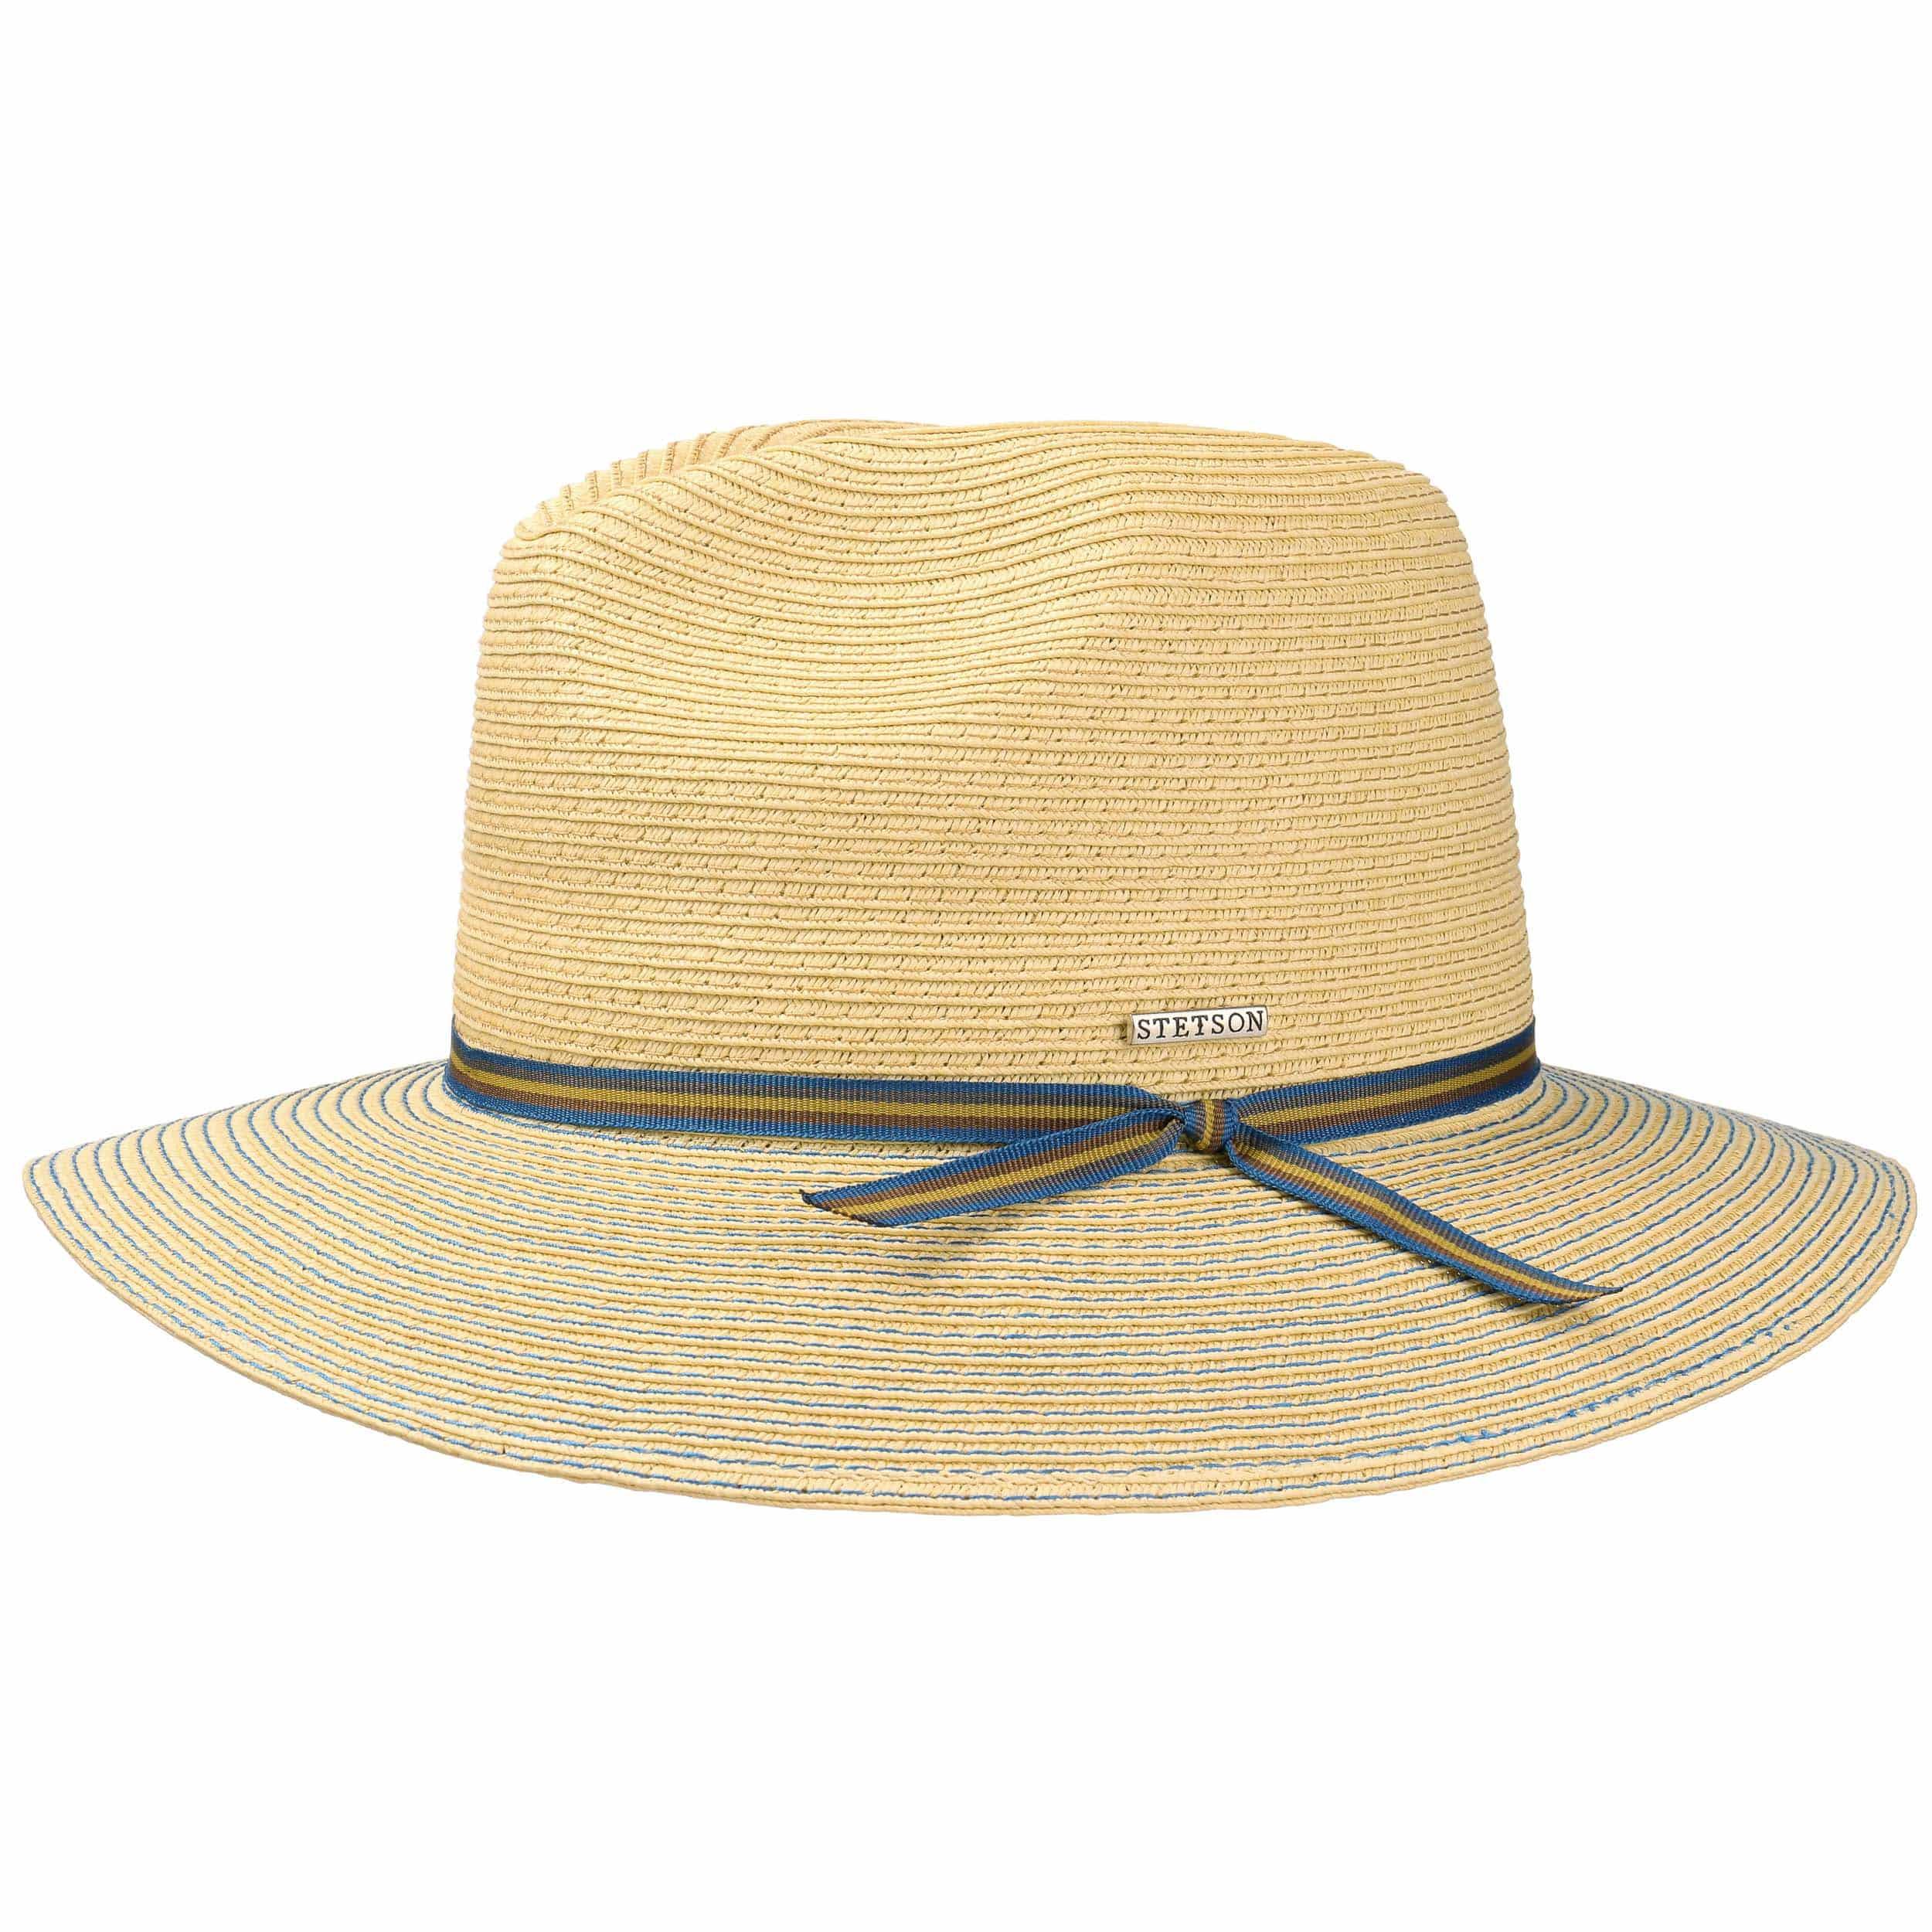 Contrast Stitch Toyo Floppy Hat by Stetson Sun hats Stetson jVHTM